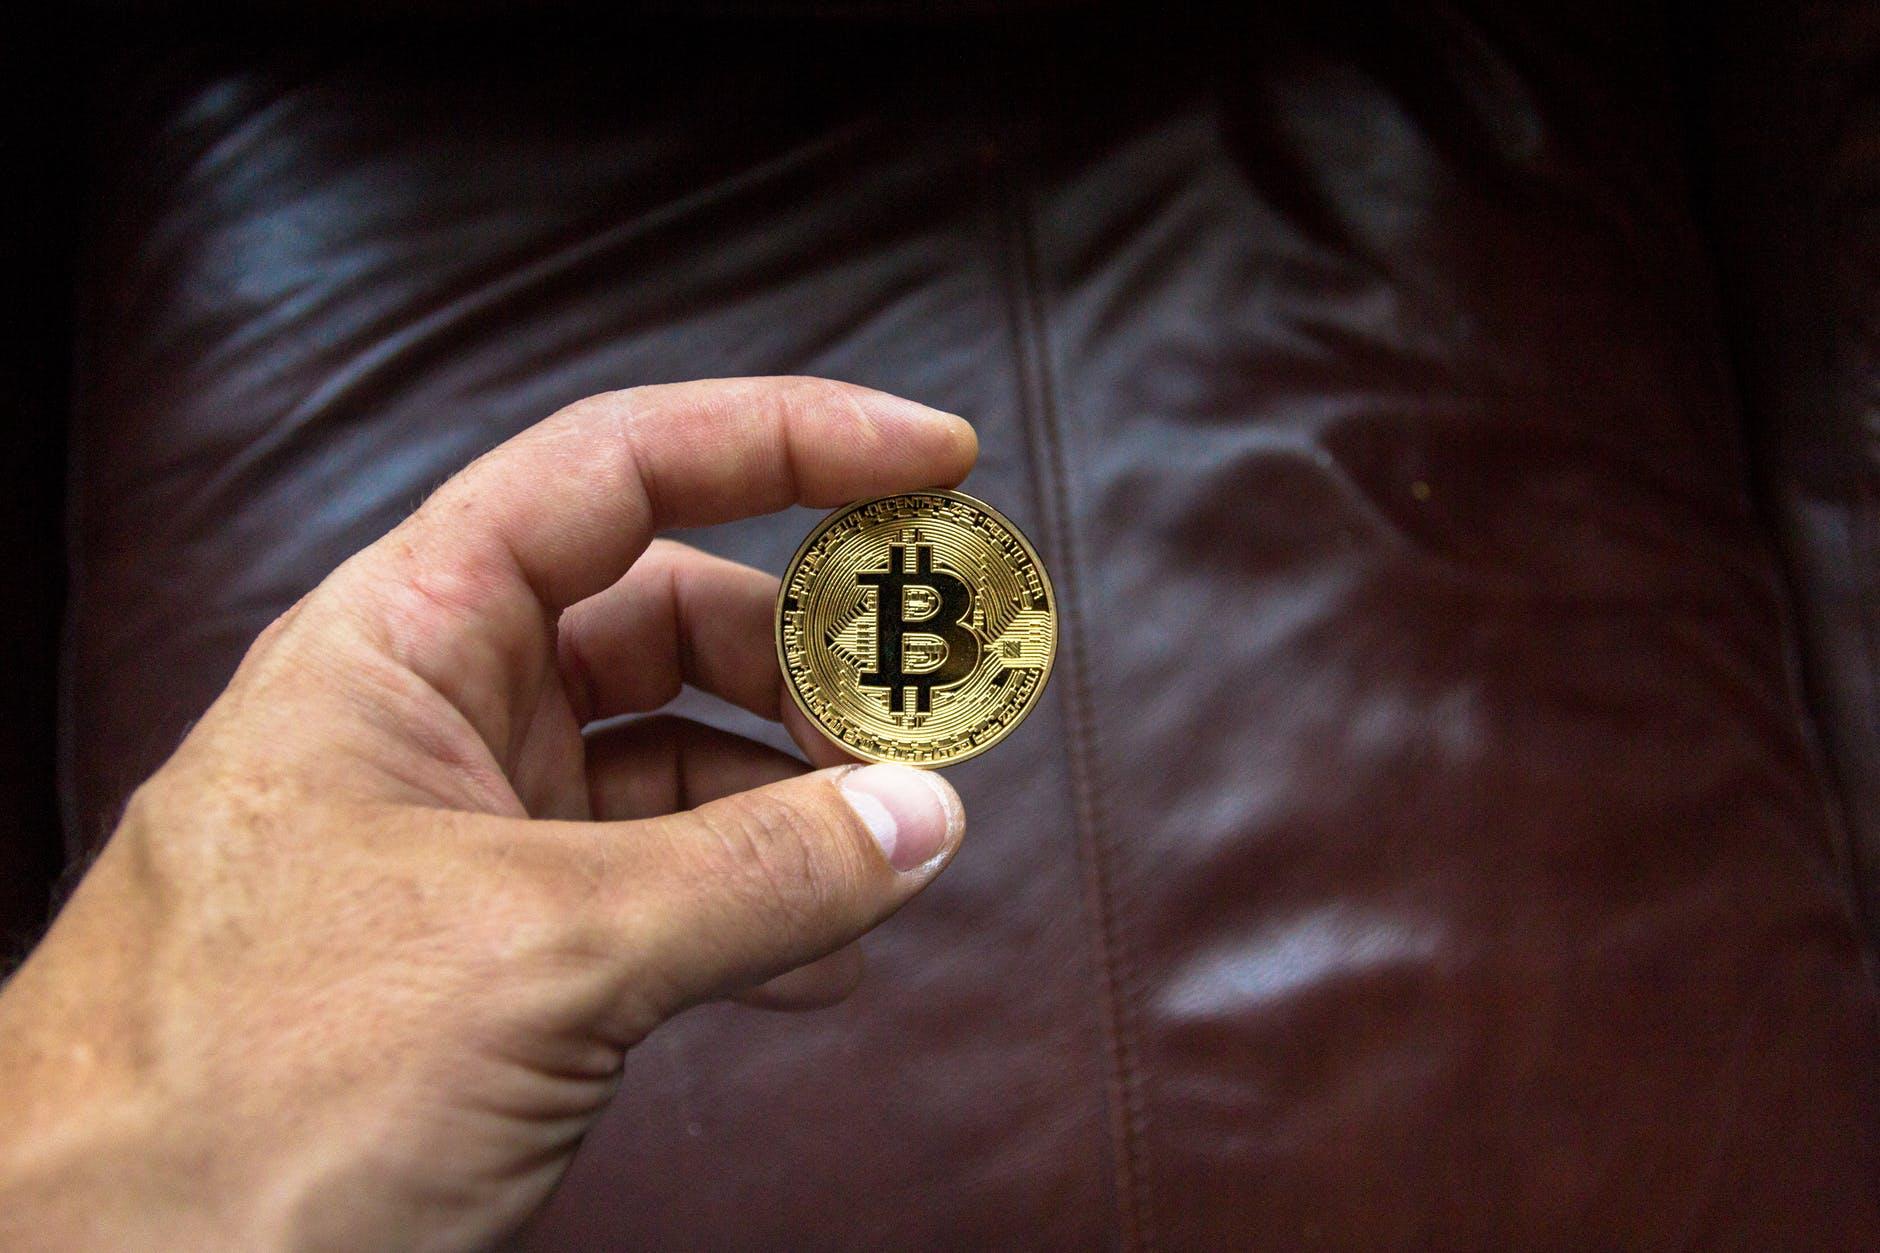 Cajeros automáticos de Bitcoin: crecieron 70% en 6 meses y ya hay 16.500